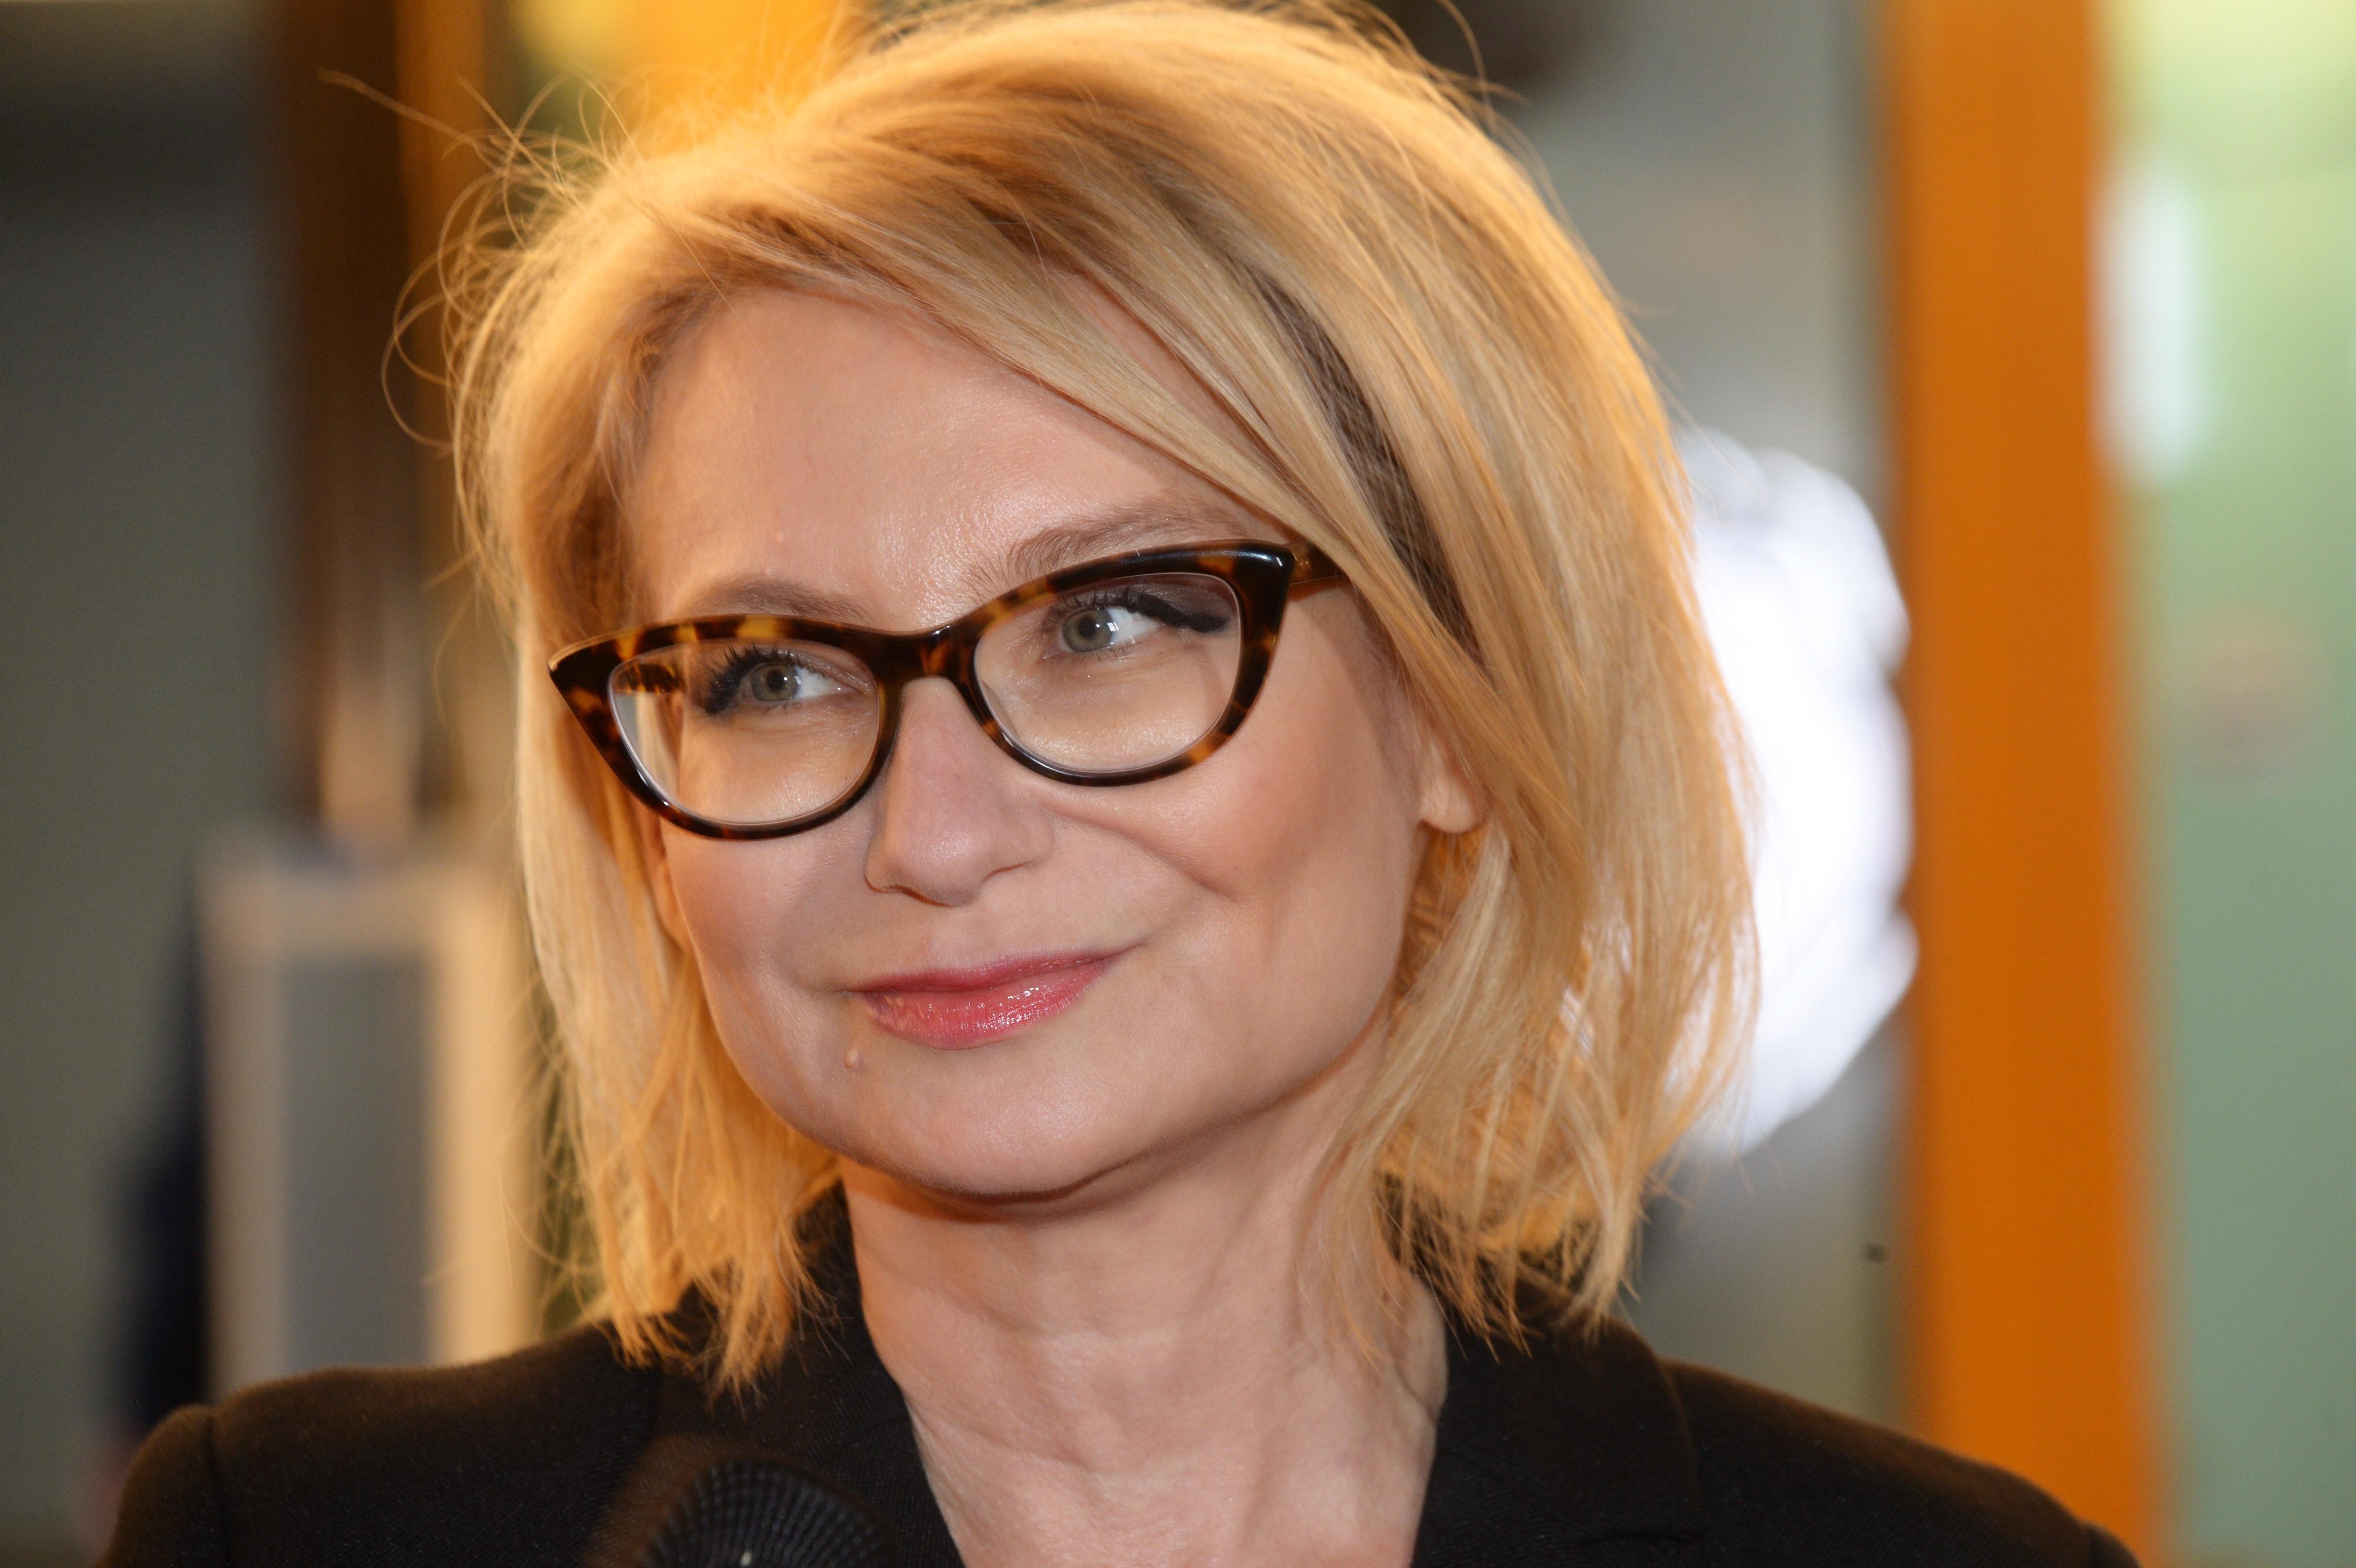 Правила стиля Эвелины Хромченко: строгие линии, «игривые» очки и высокие каблуки